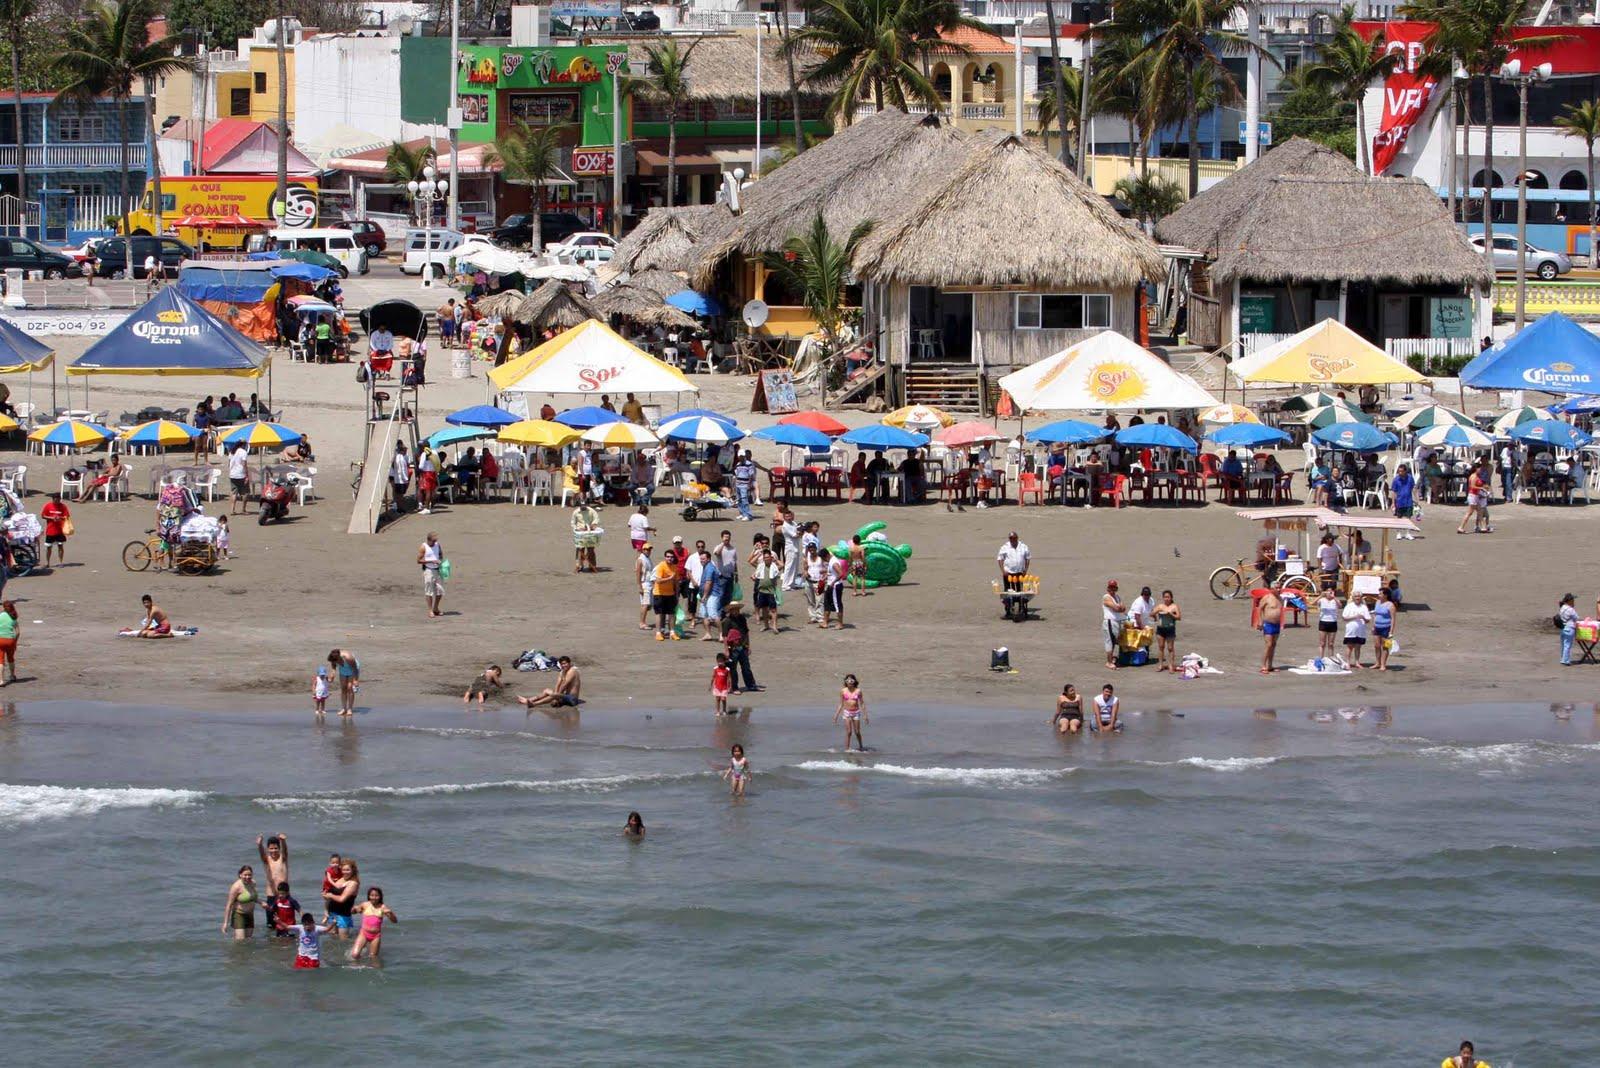 Aumenta el turismo en Veracruz